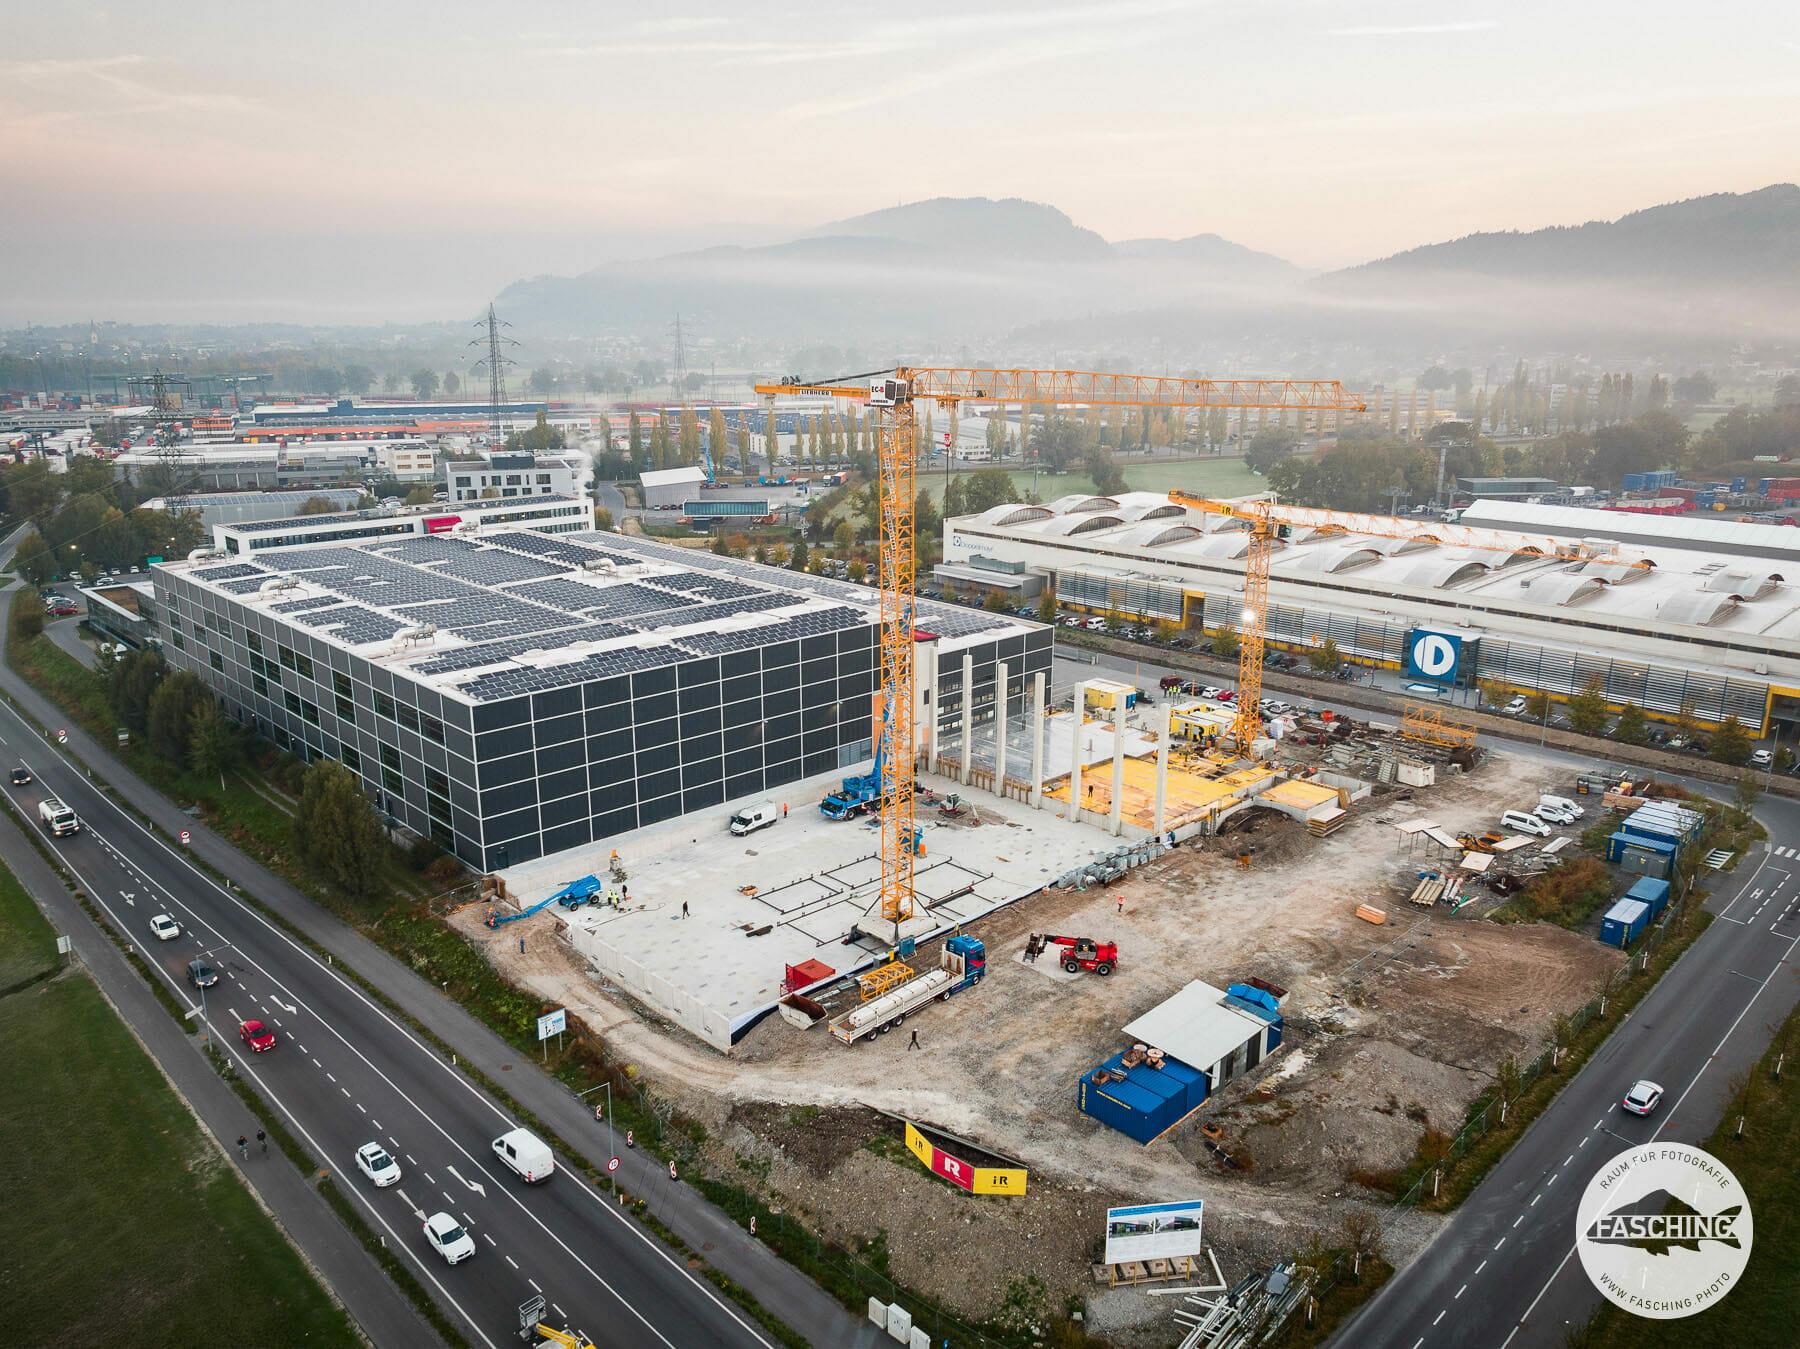 Diese Drohnen Bilder von den Haberkorn und Doppelmayr Firmengebäuden wurden von Drohnenpilot Luca Fasching geschossen